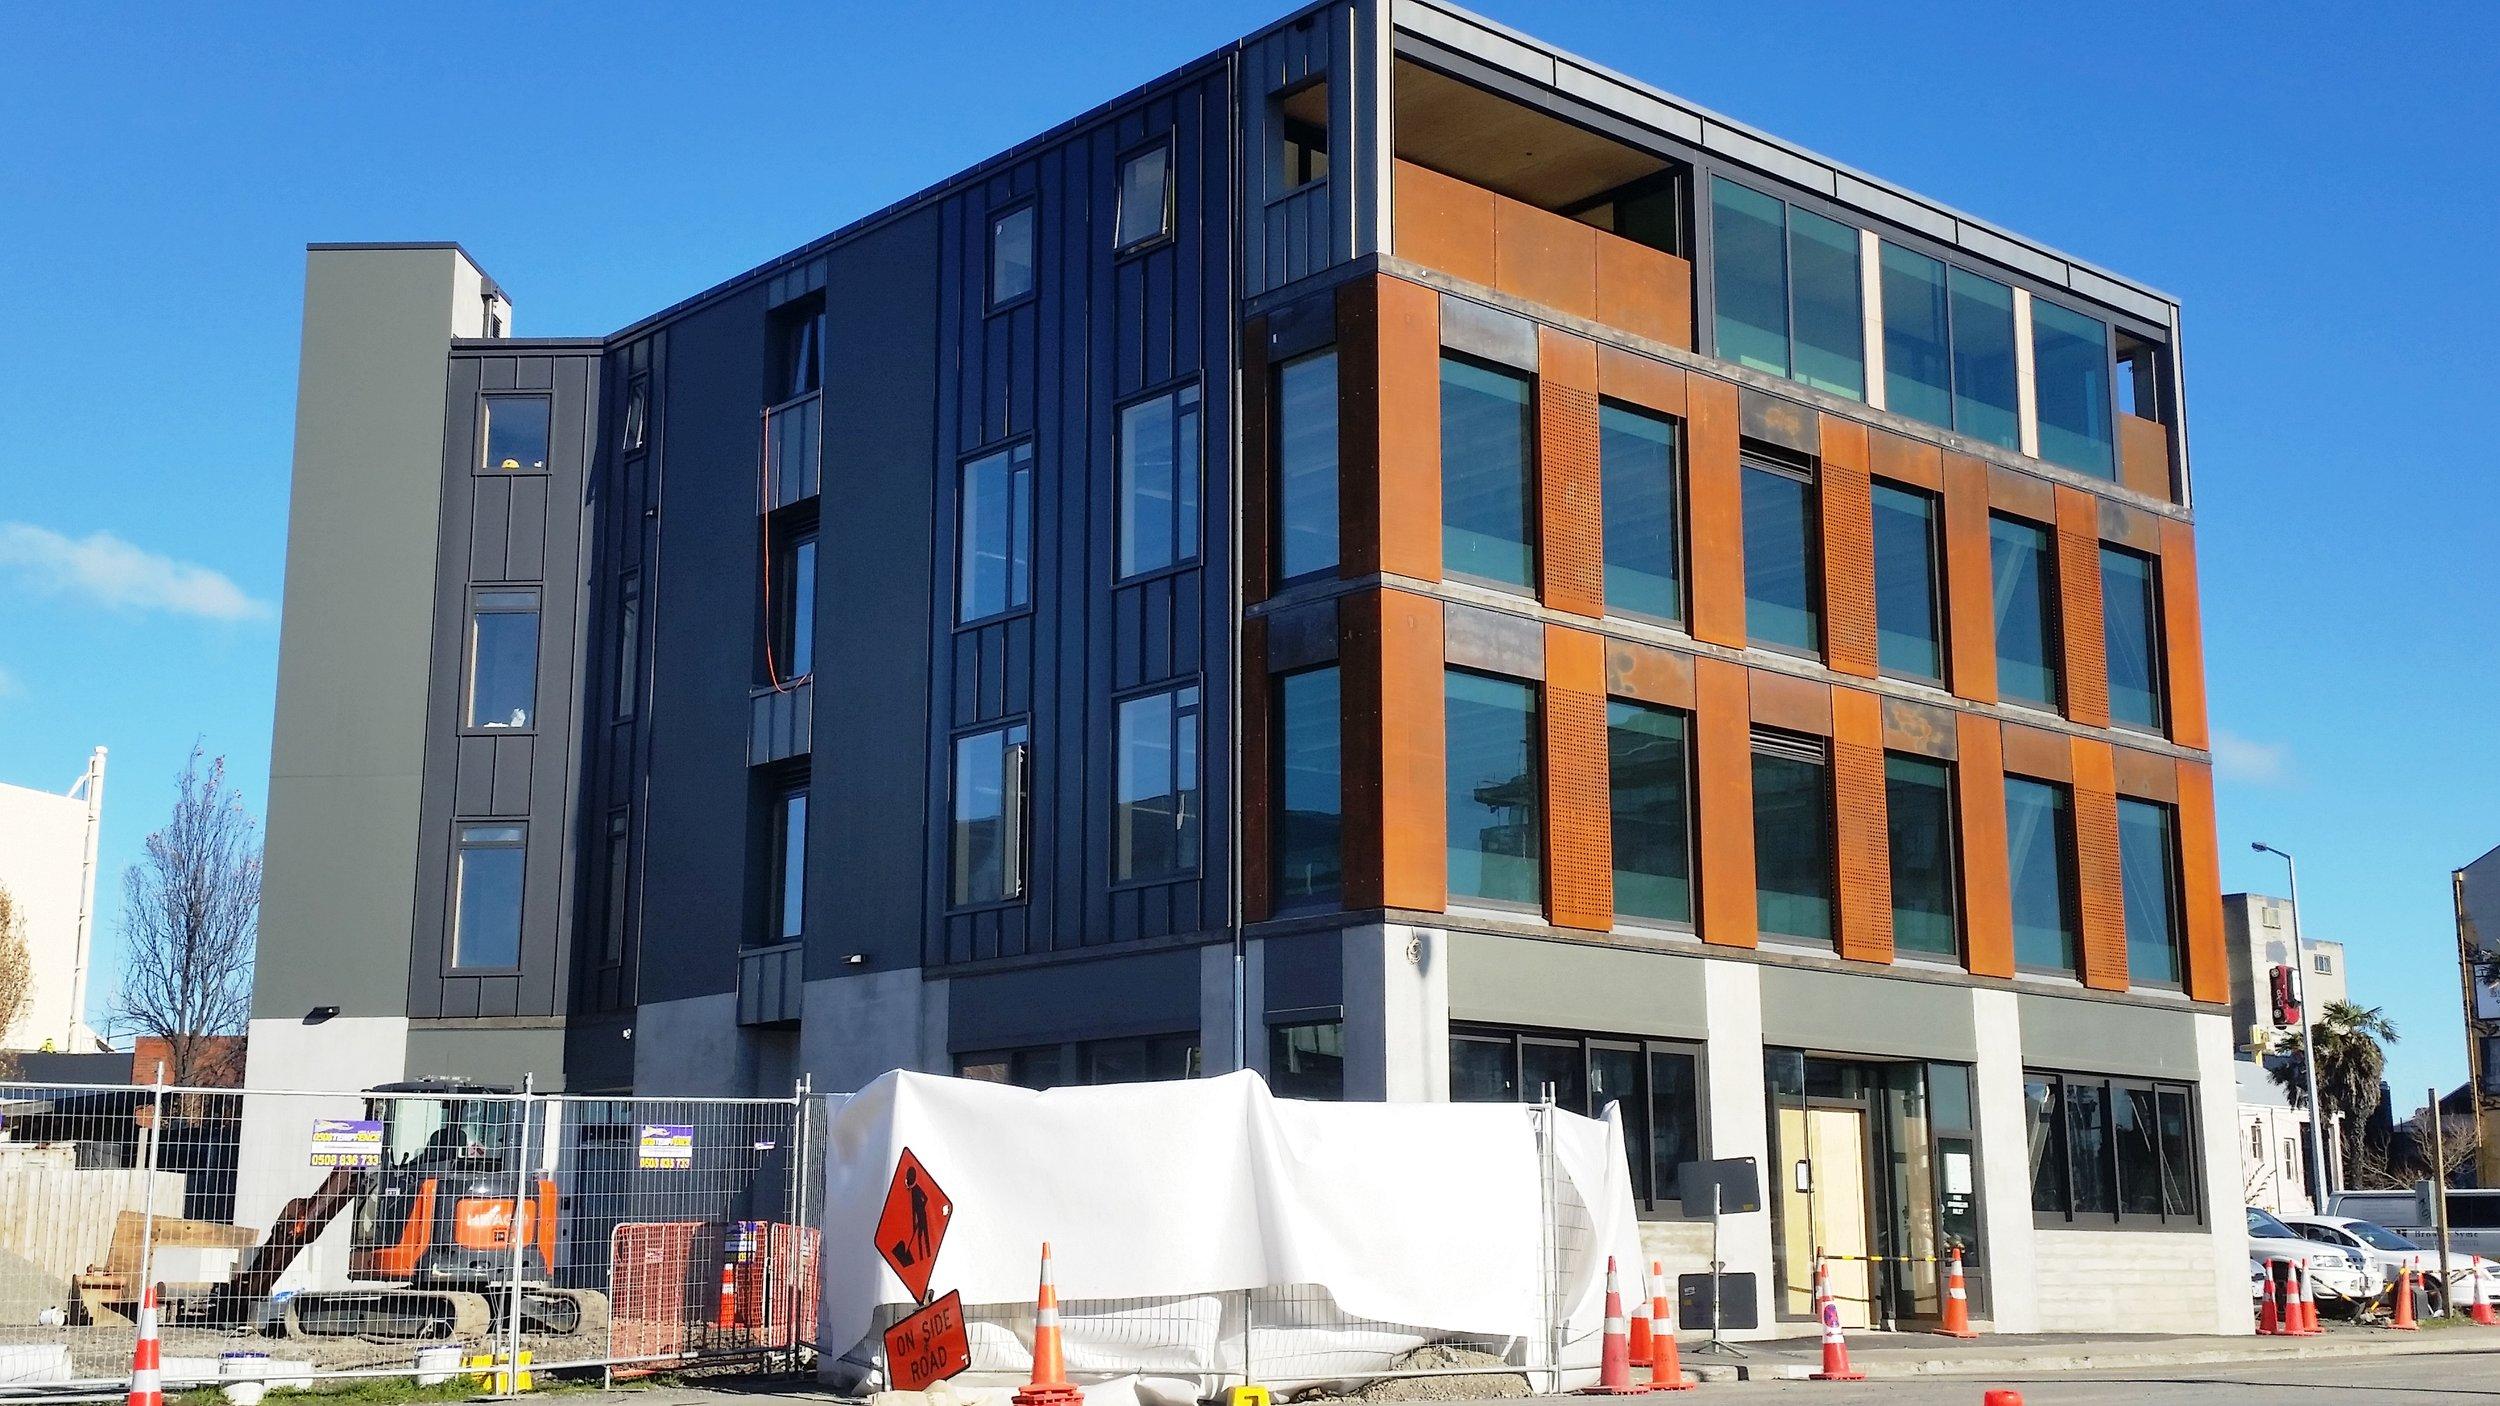 128 Lichfield Street Development, Christchurch